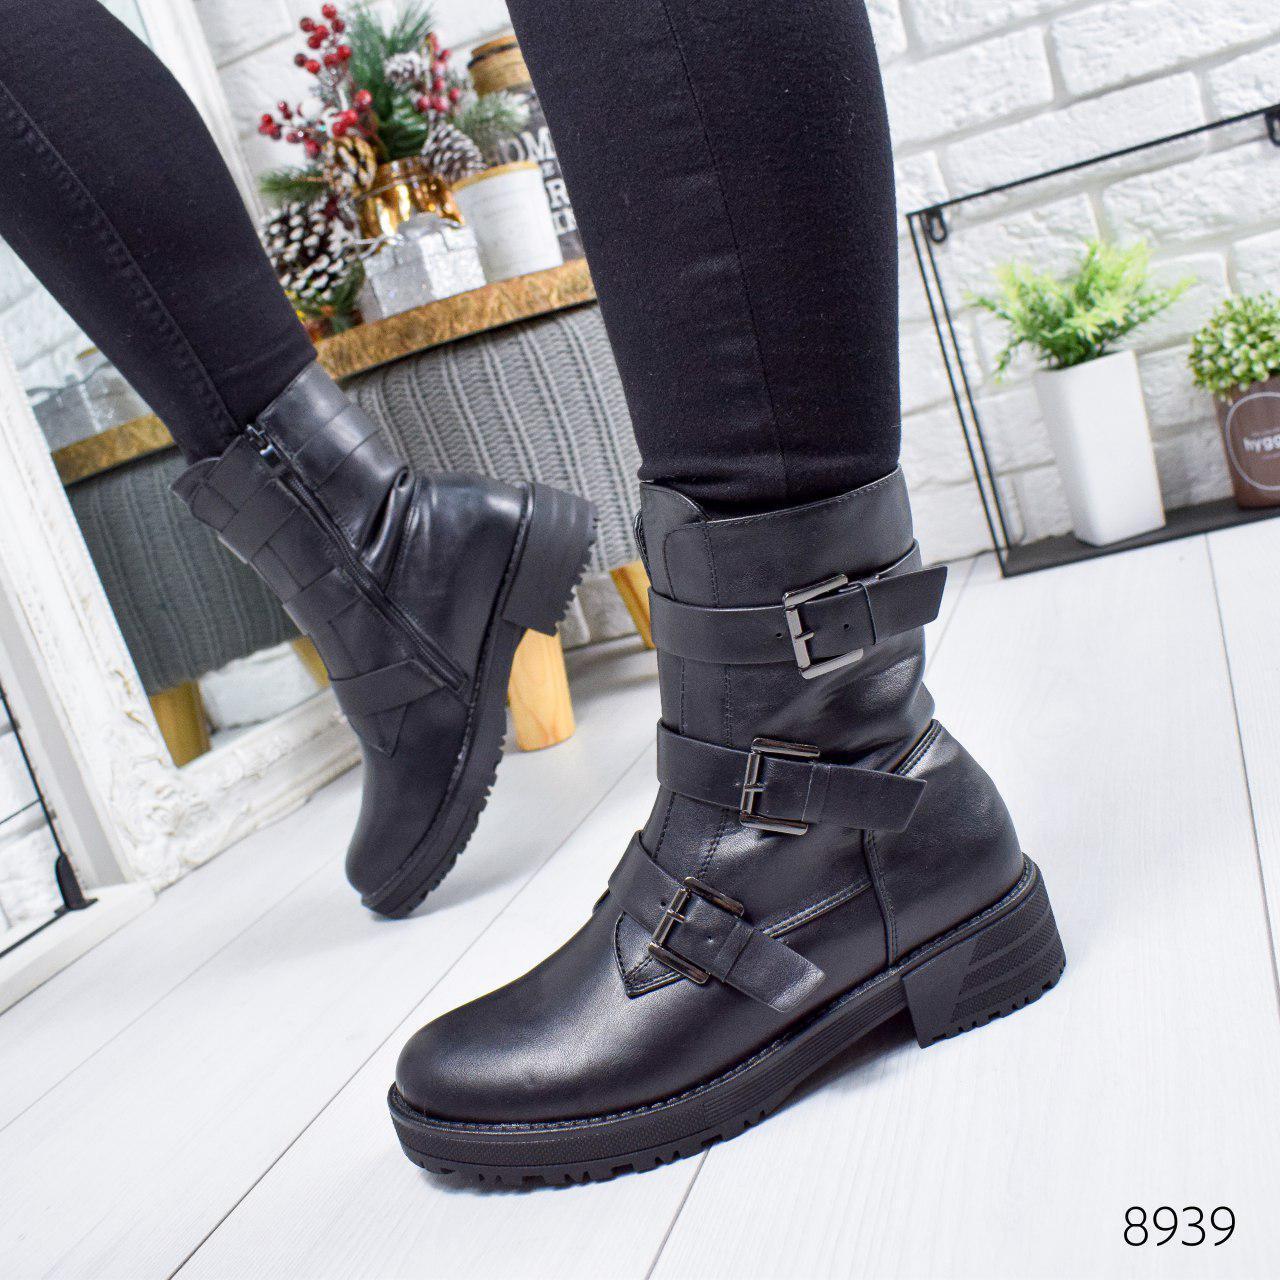 """Ботинки женские зимние, черного цвета из эко кожи """"8939"""". Черевики жіночі. Ботинки теплые"""